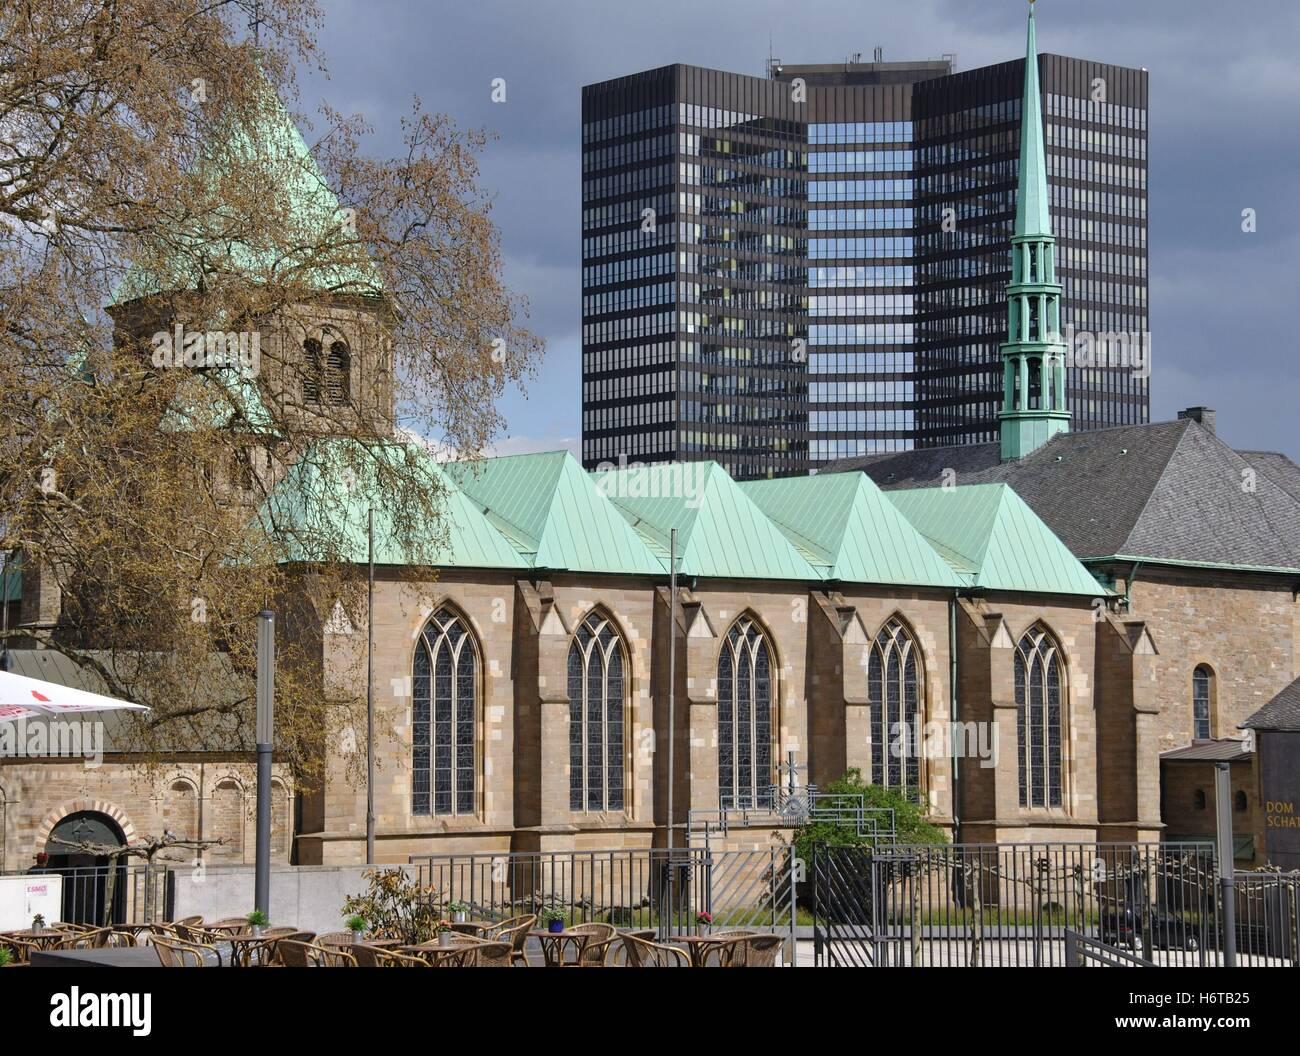 Kathedrale Baustil Bau architektonischen Stil Essen Westfalen Turm ...